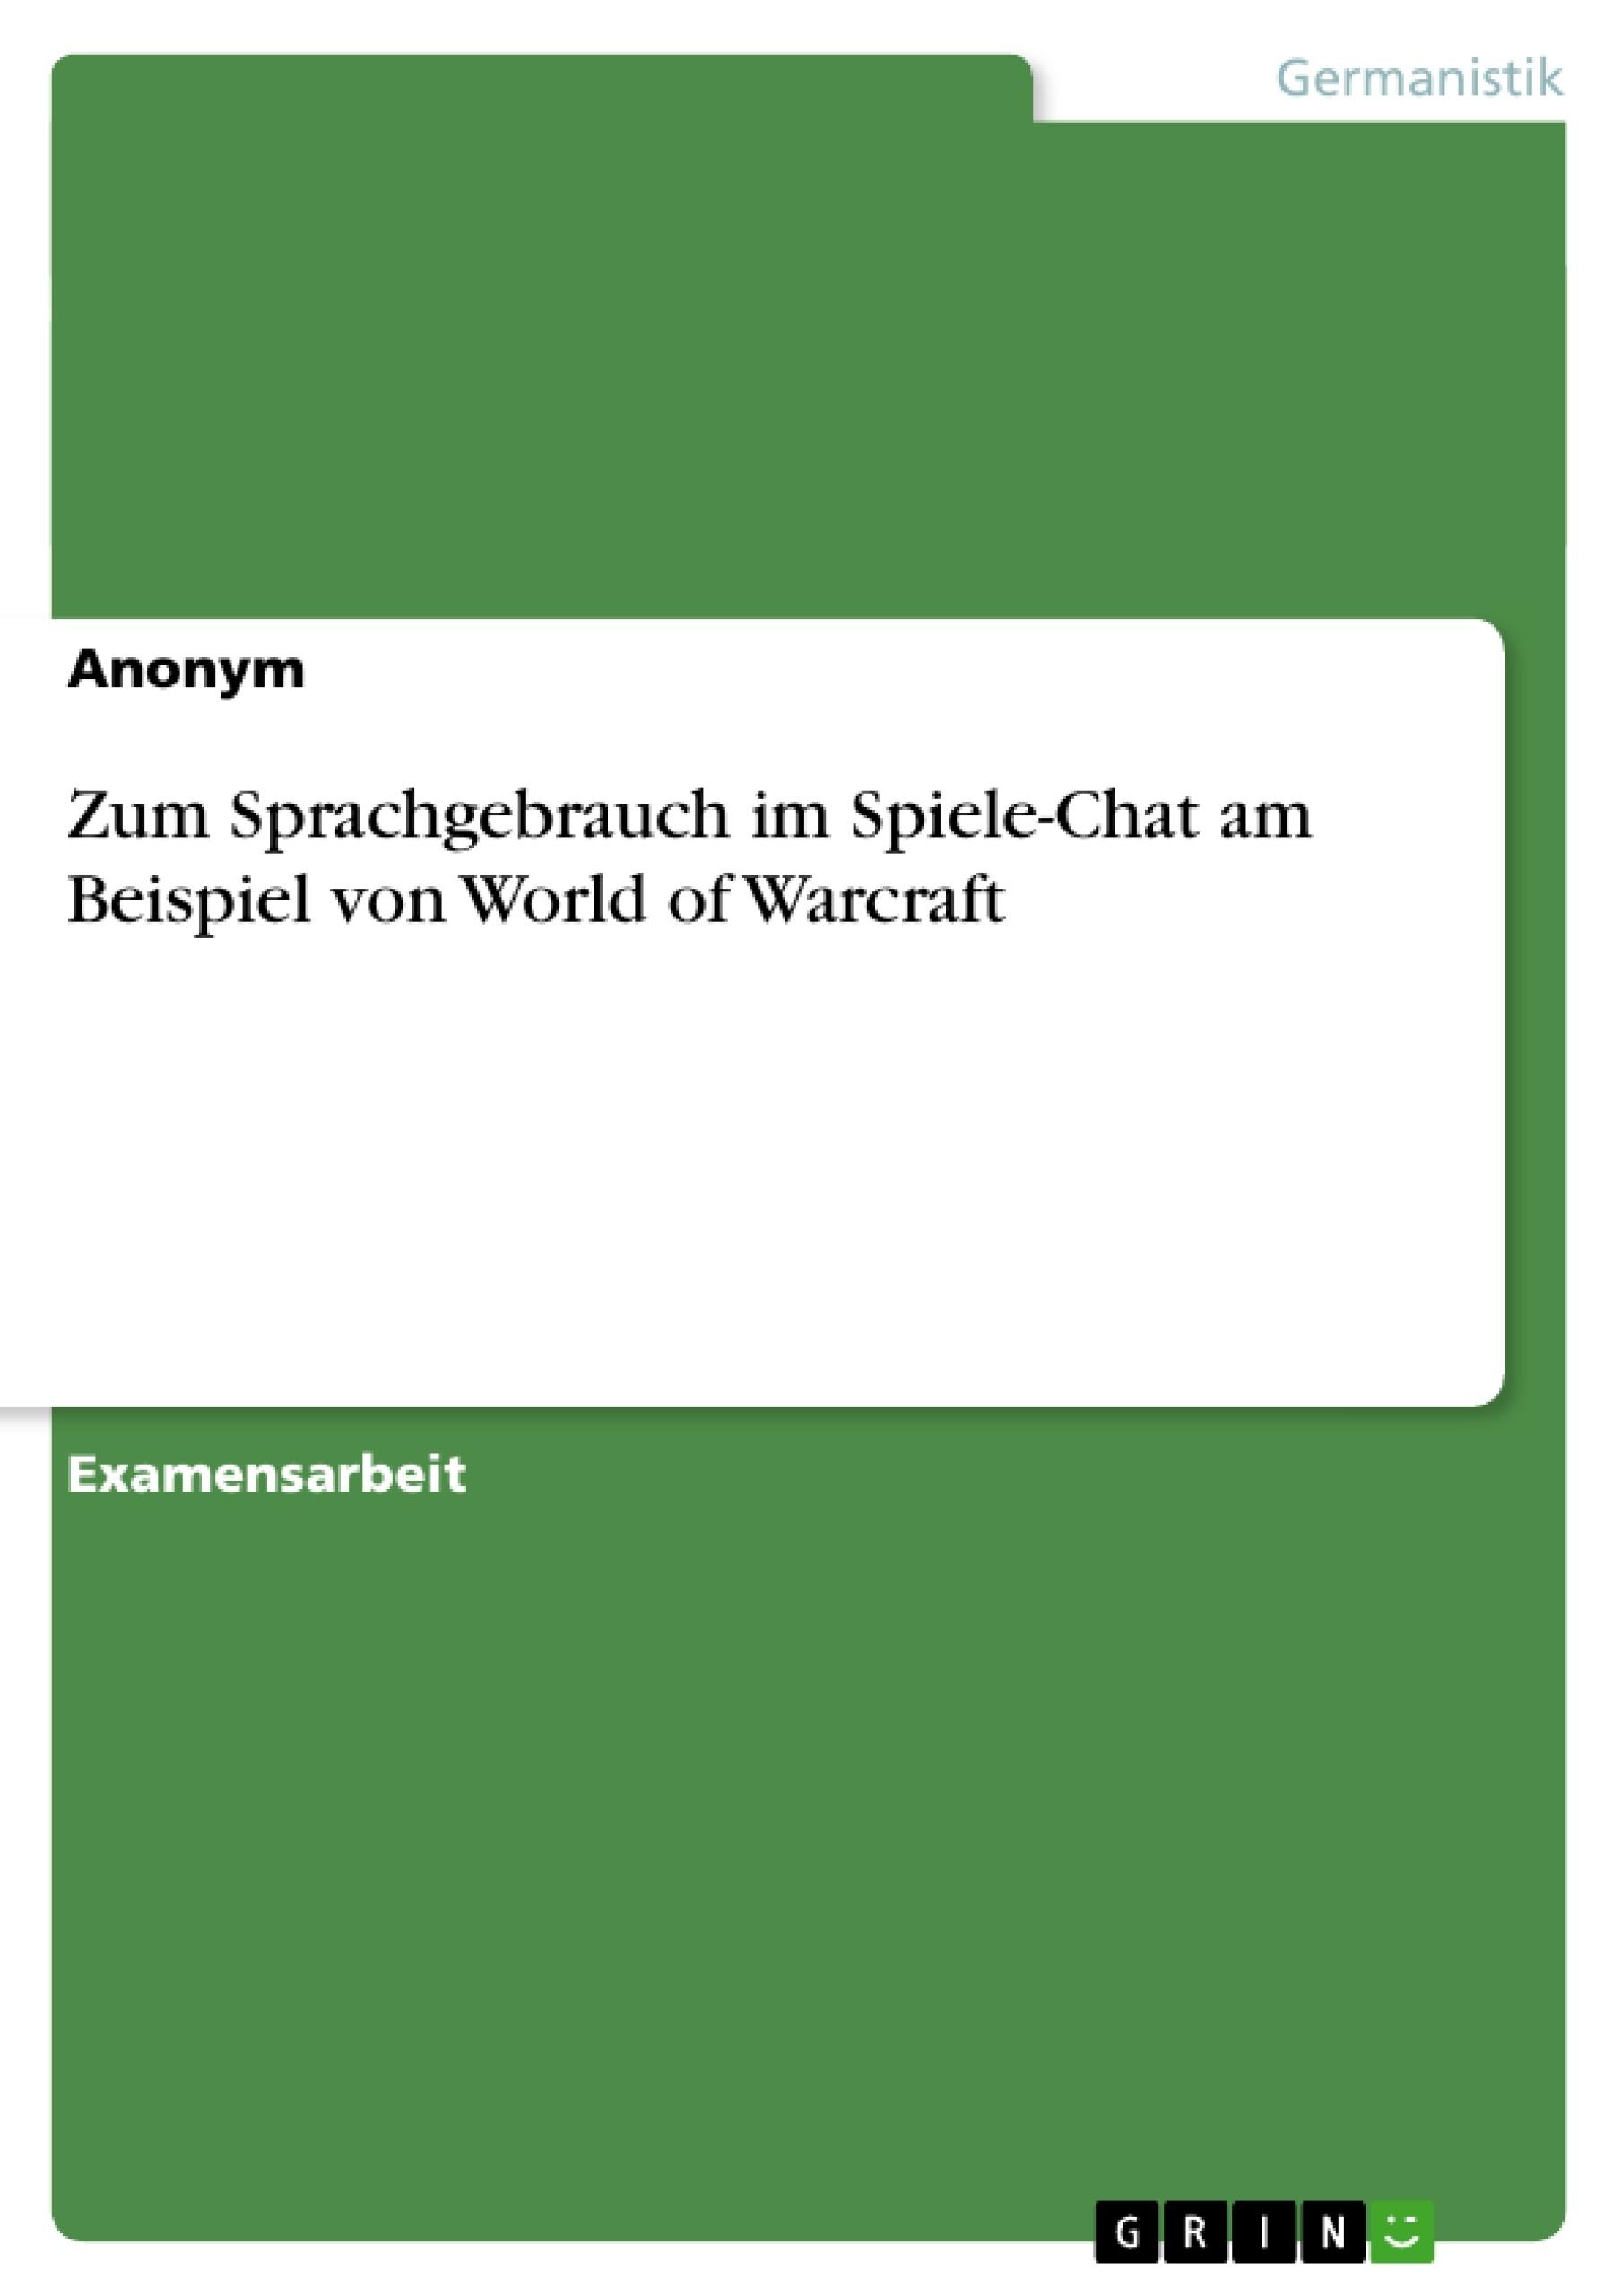 Titel: Zum Sprachgebrauch im Spiele-Chat am Beispiel von World of Warcraft